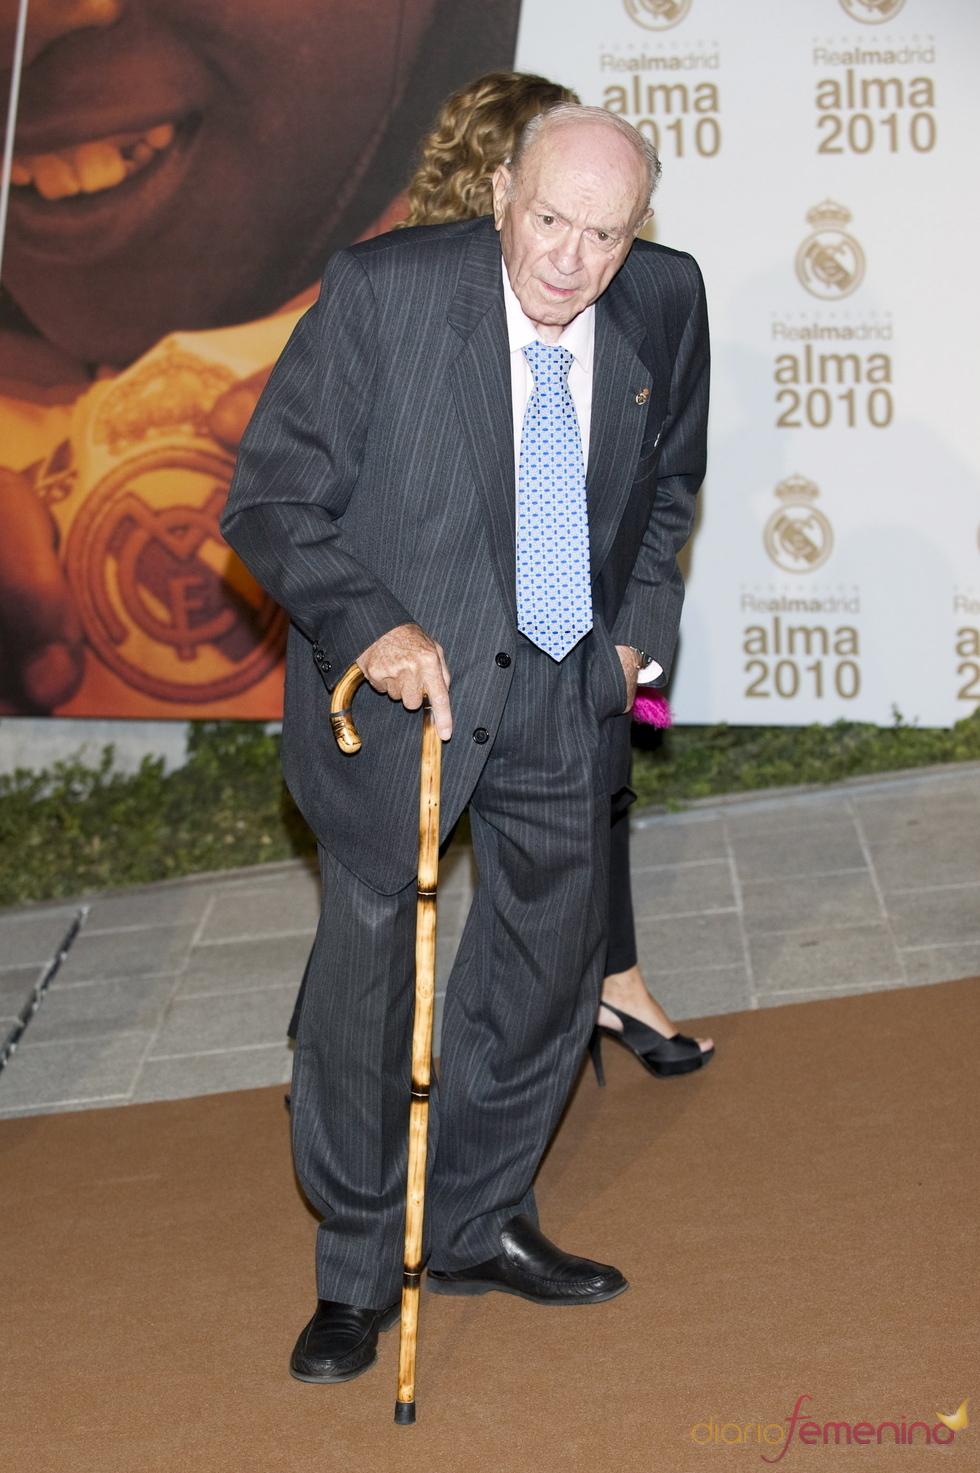 Alfredo Distefano en la entrega del Premio Alma 2010